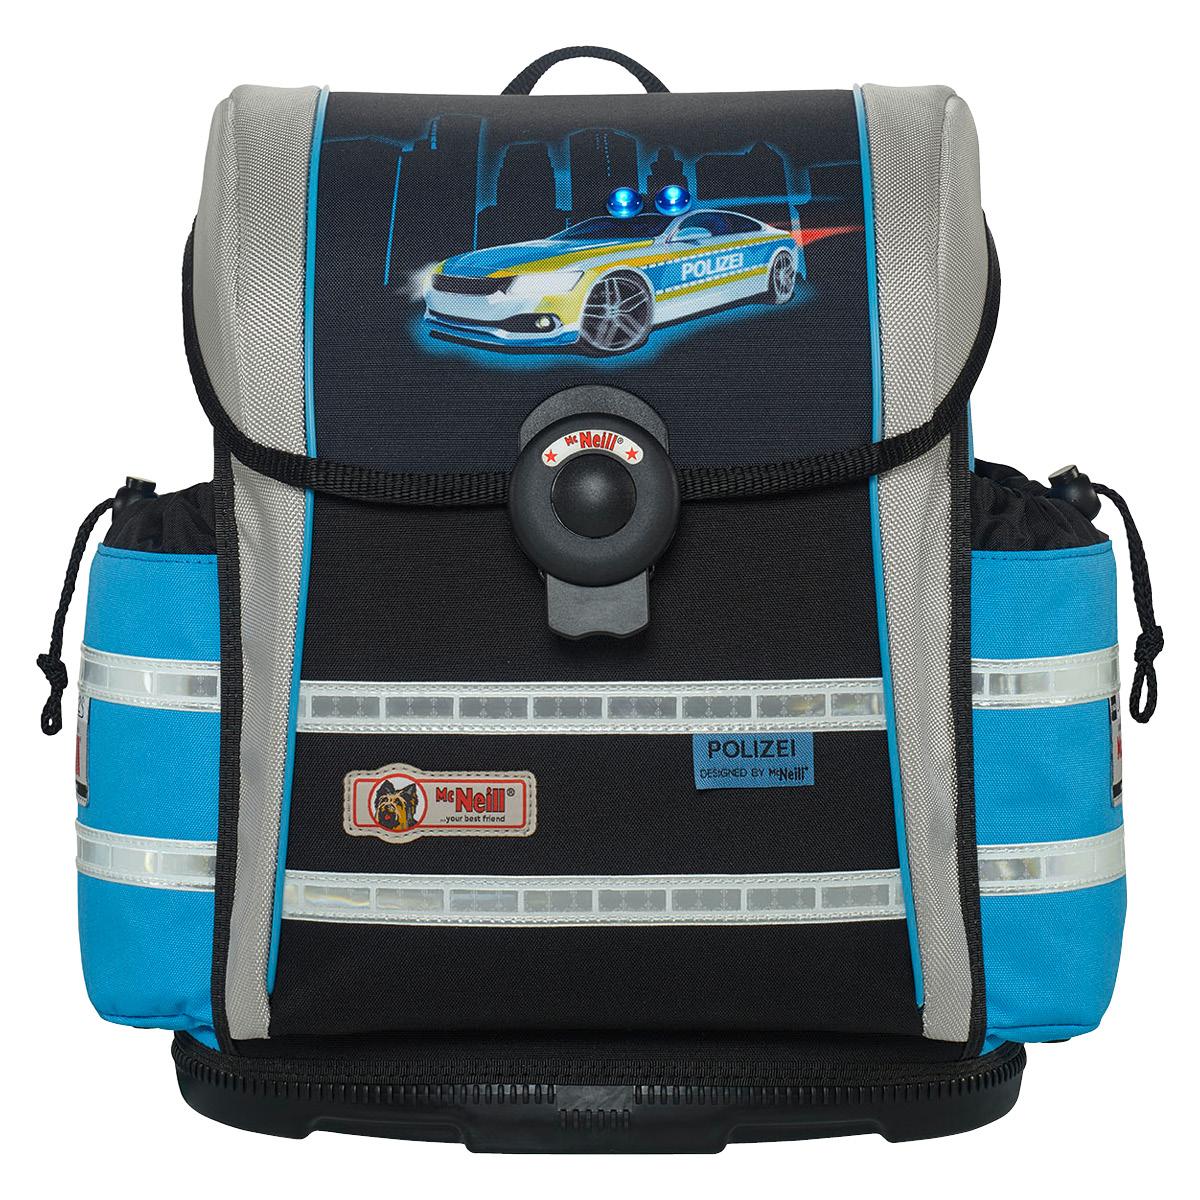 McNeill-Schulranzen-ERGO-Light-912-S-9624183000-schwarz-blau-auto-polizei